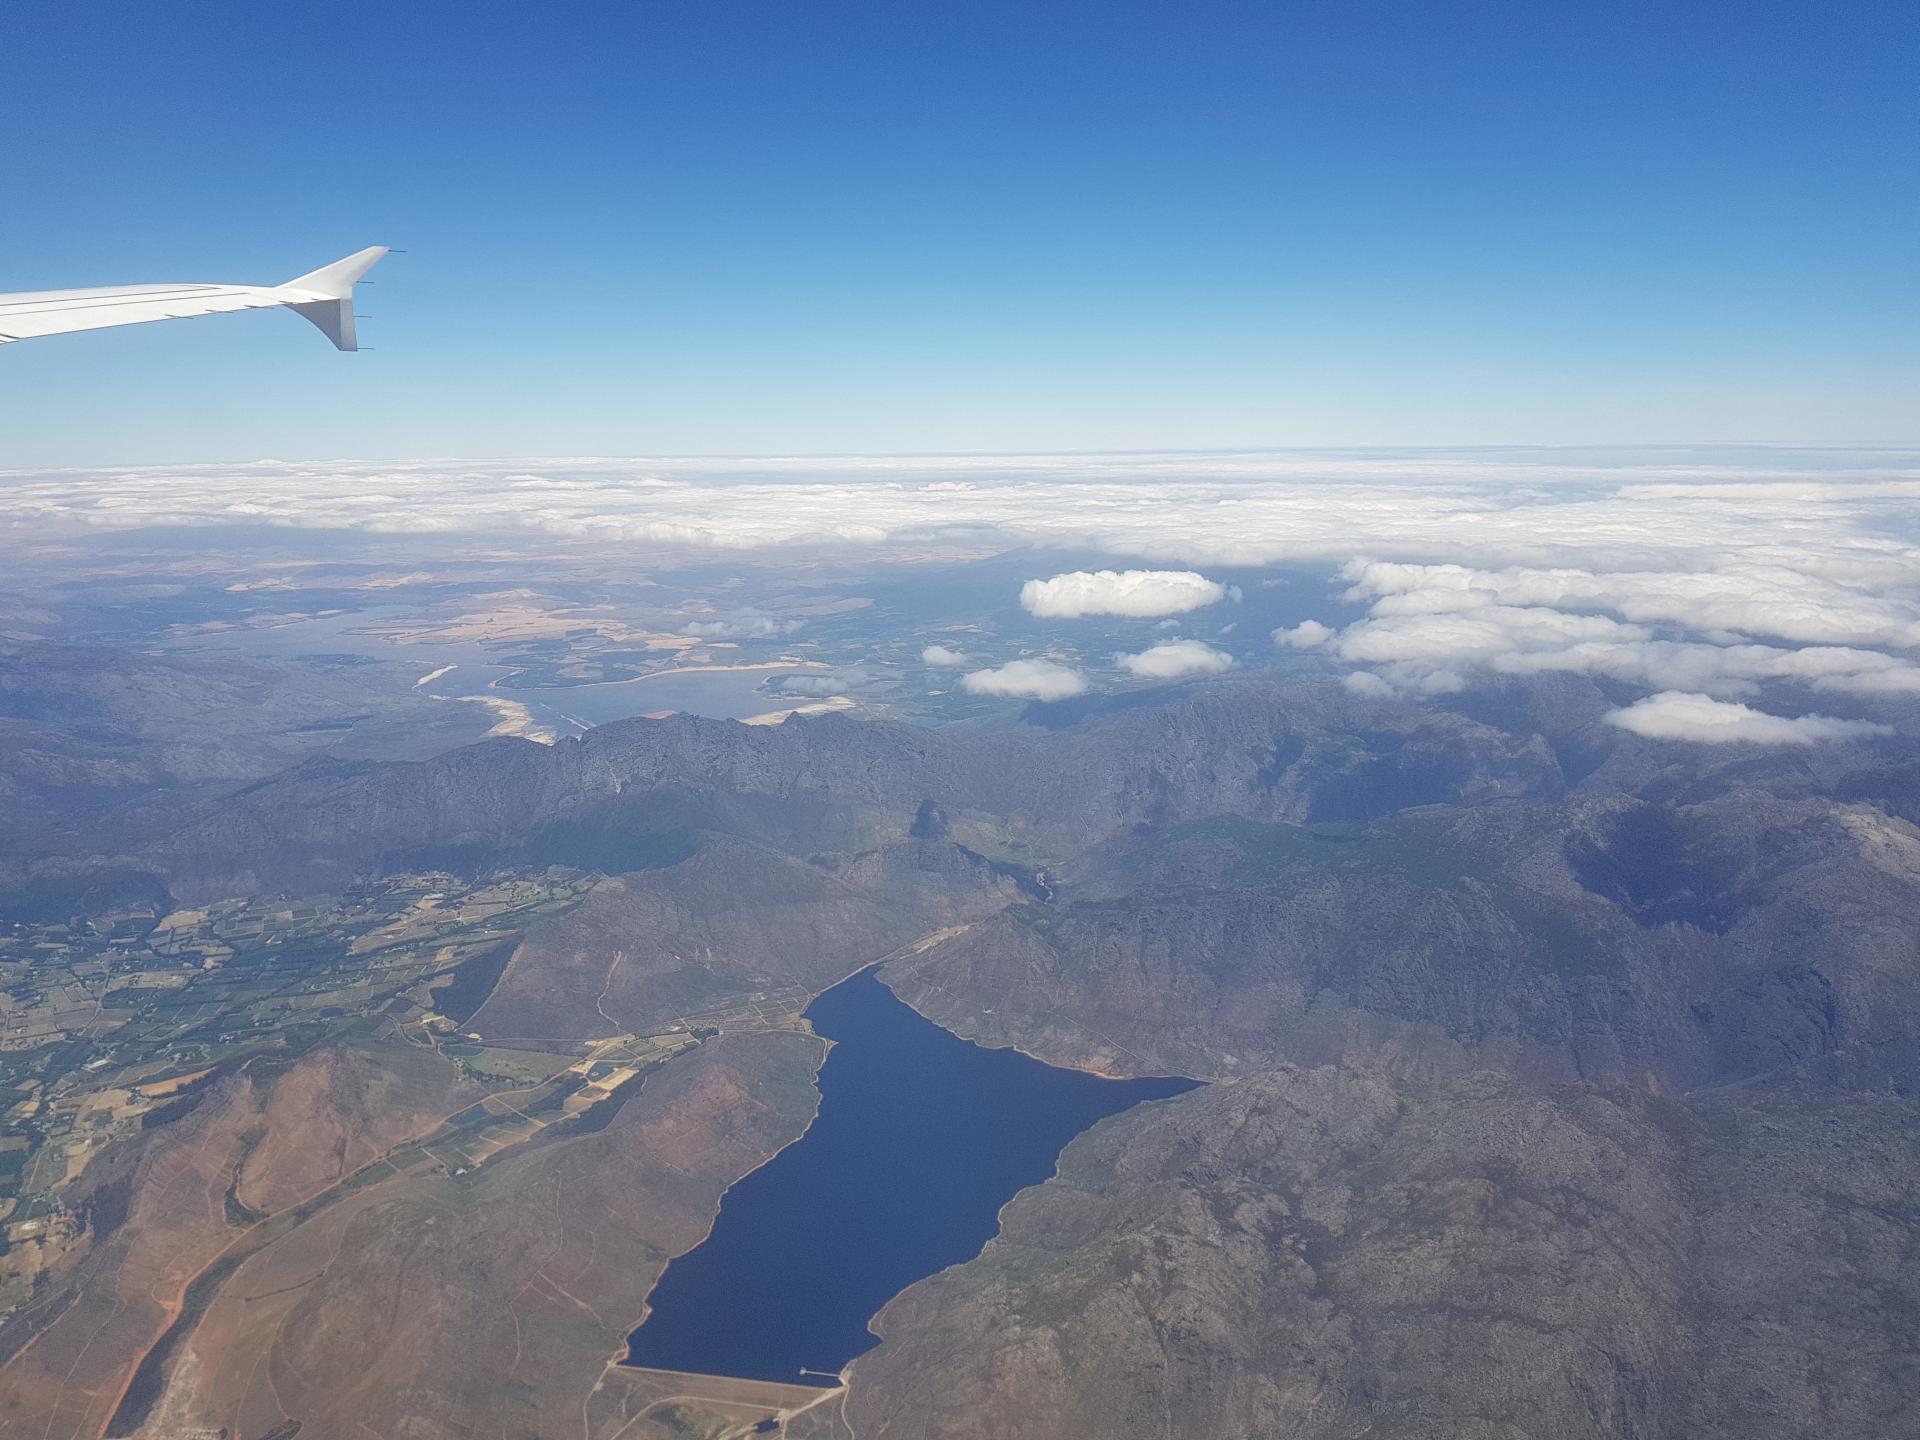 полет над Африкой на самолете